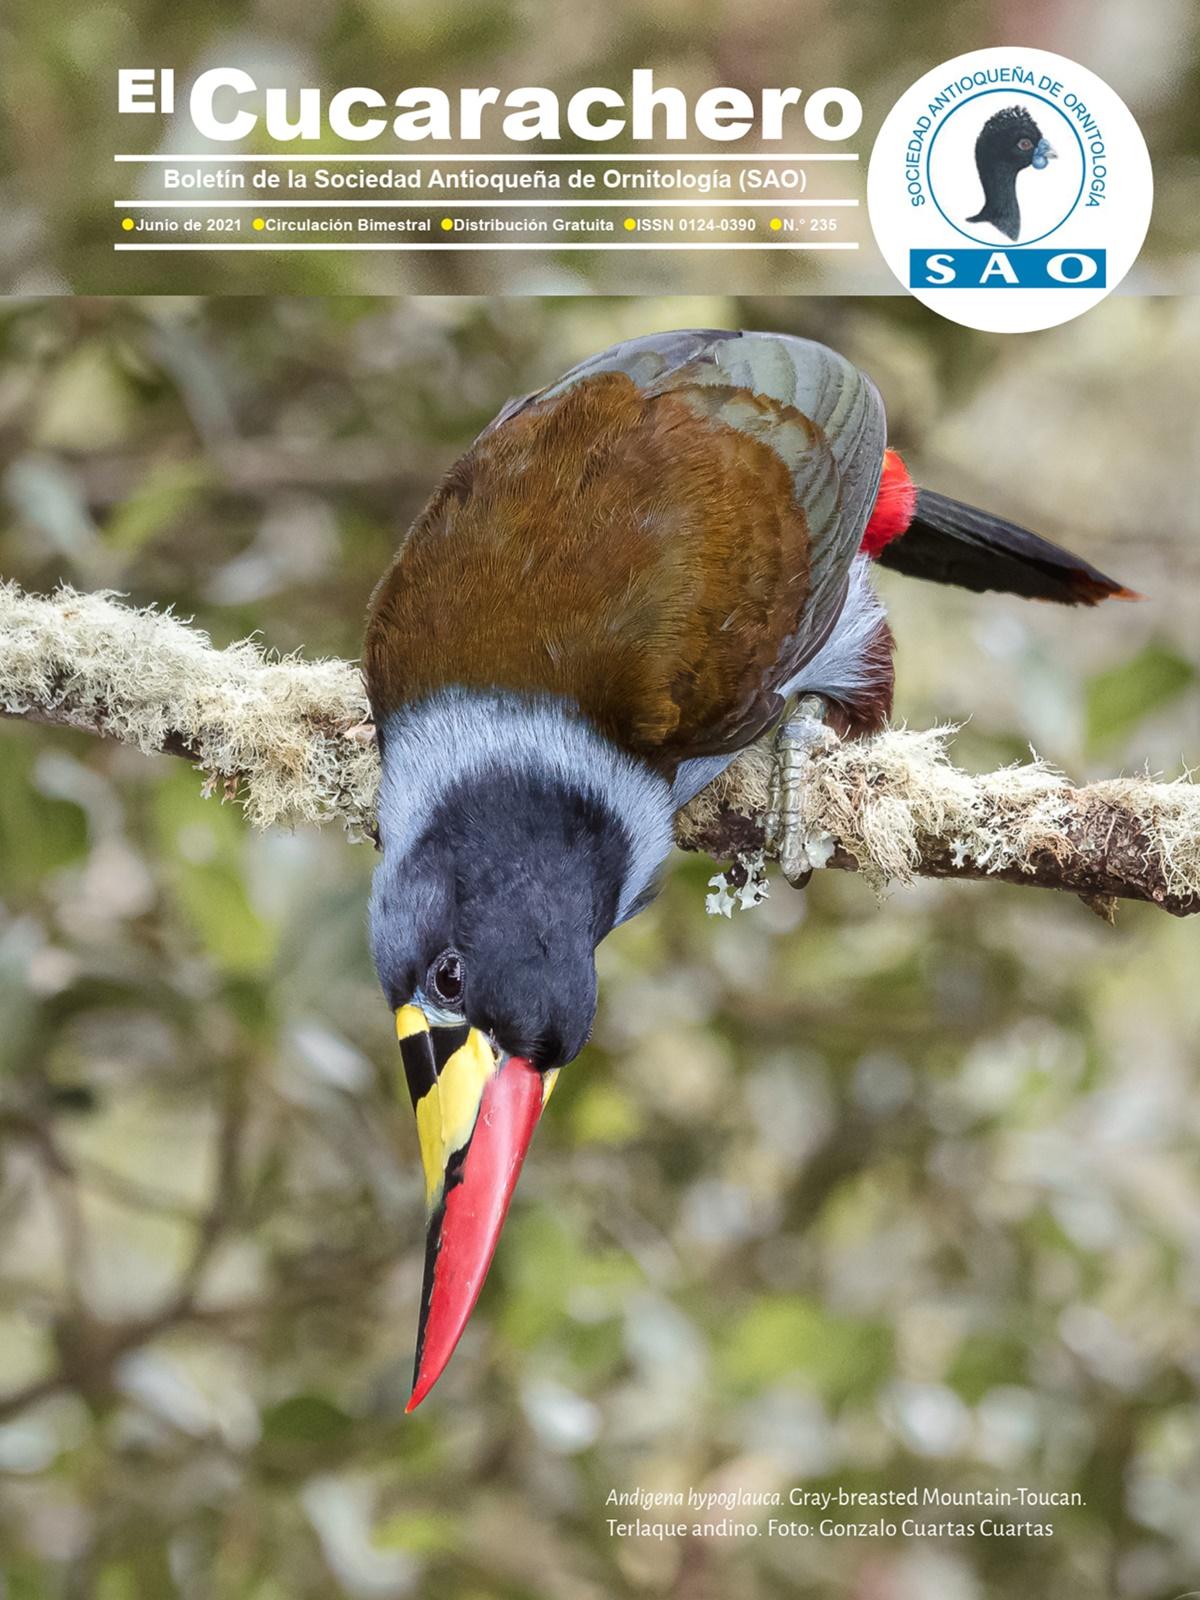 Portada de una revista que muestra un tucan terlaque andino